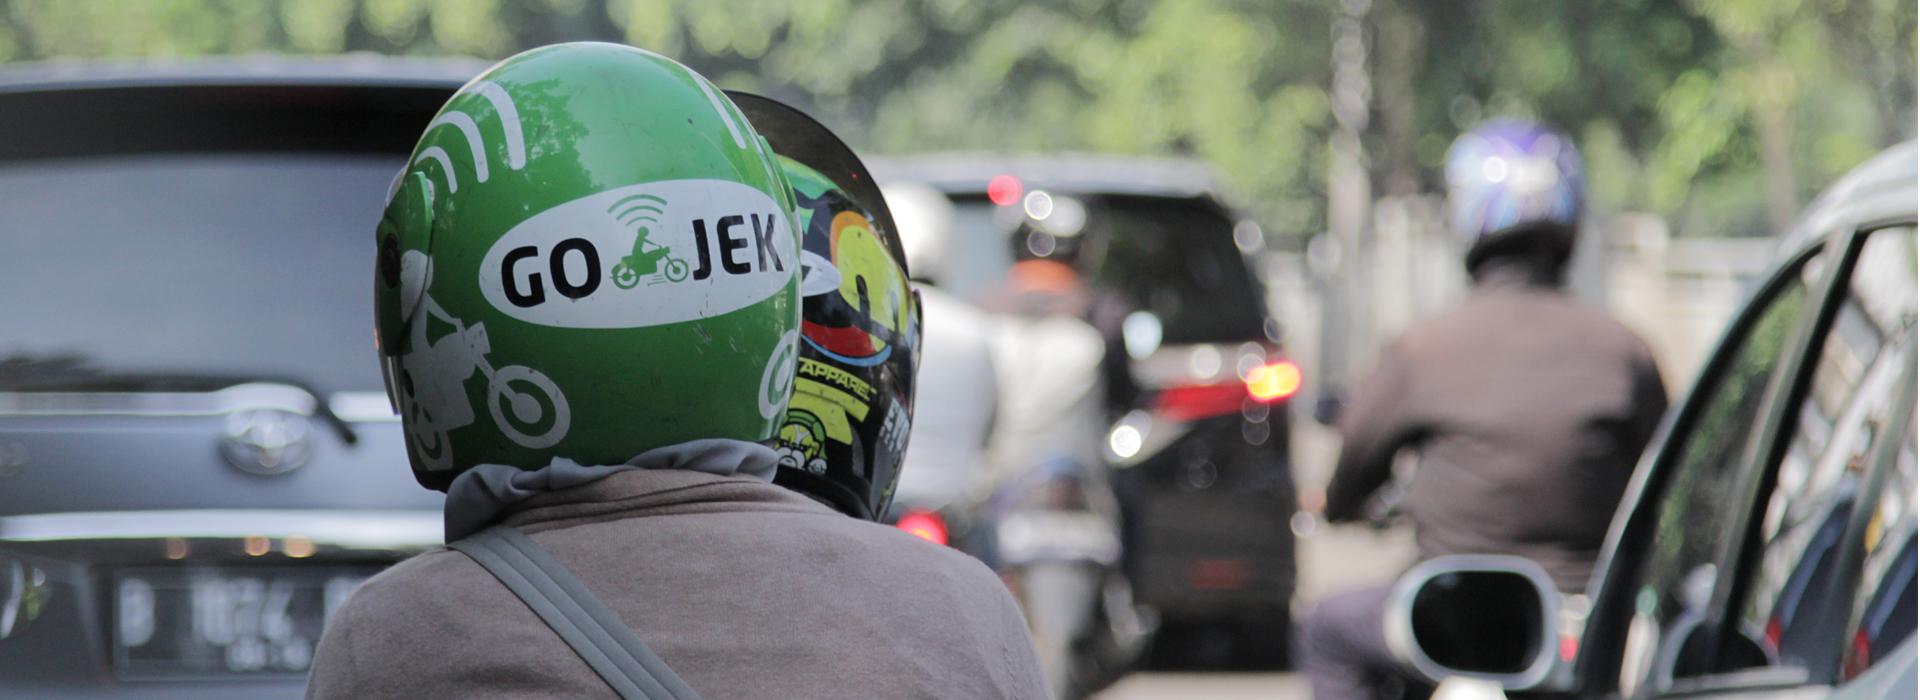 從代客叫車到包辦在地生活,印尼獨角獸 Go-Jek 即將出海,爭霸大東南亞